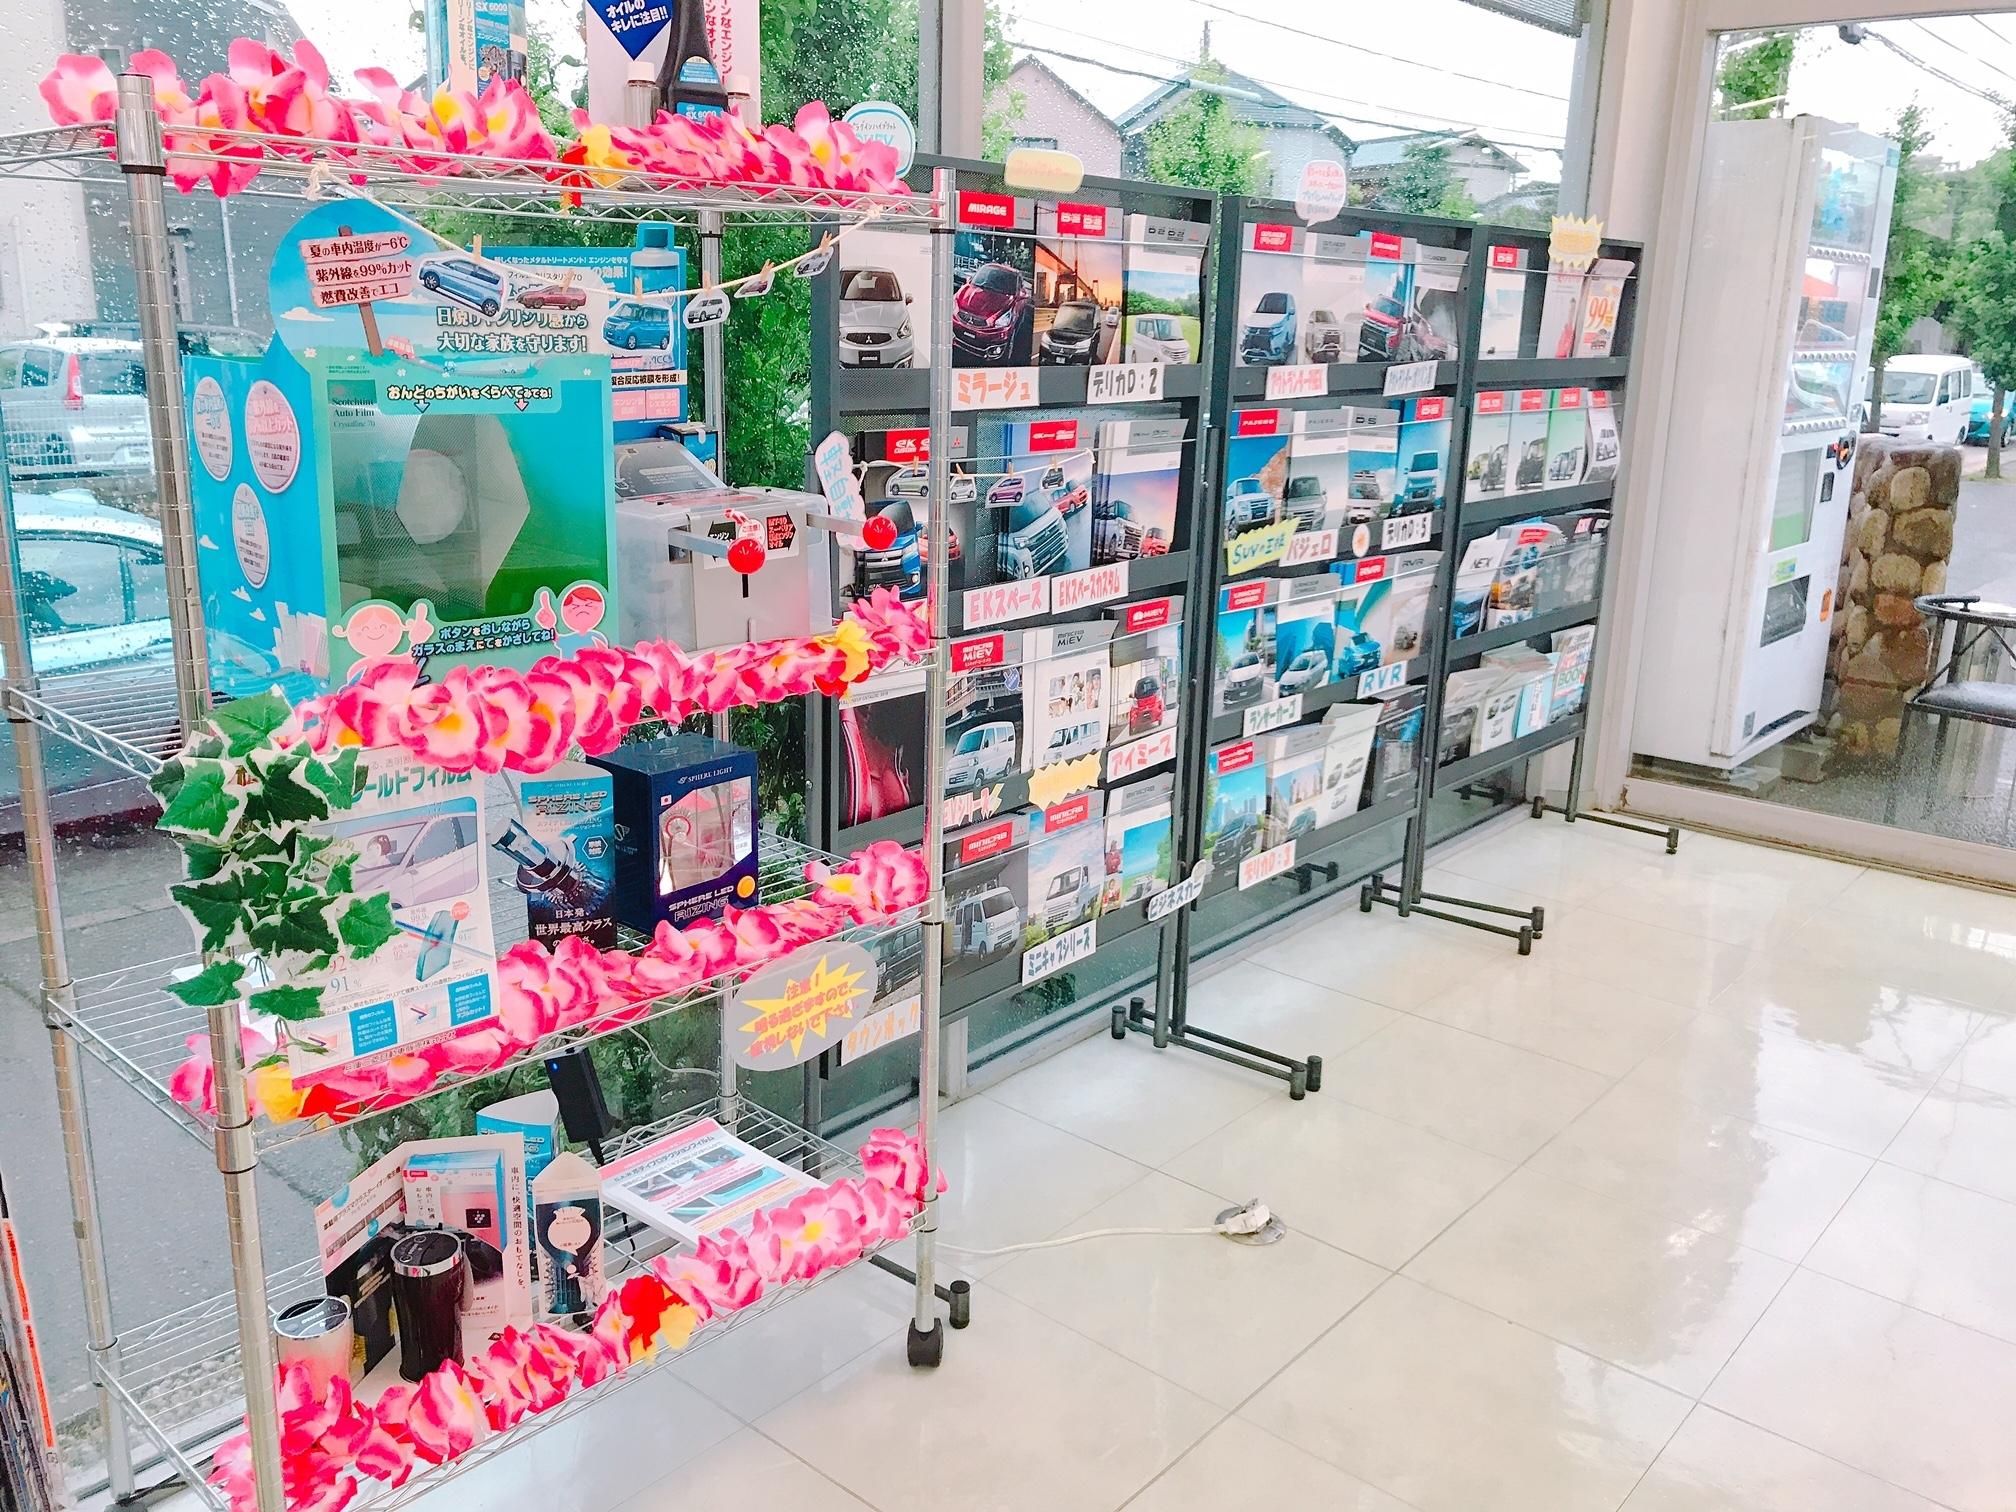 https://www.hyogo-mitsubishi.com/shop/takarazuka/files/2017sumer2.JPG